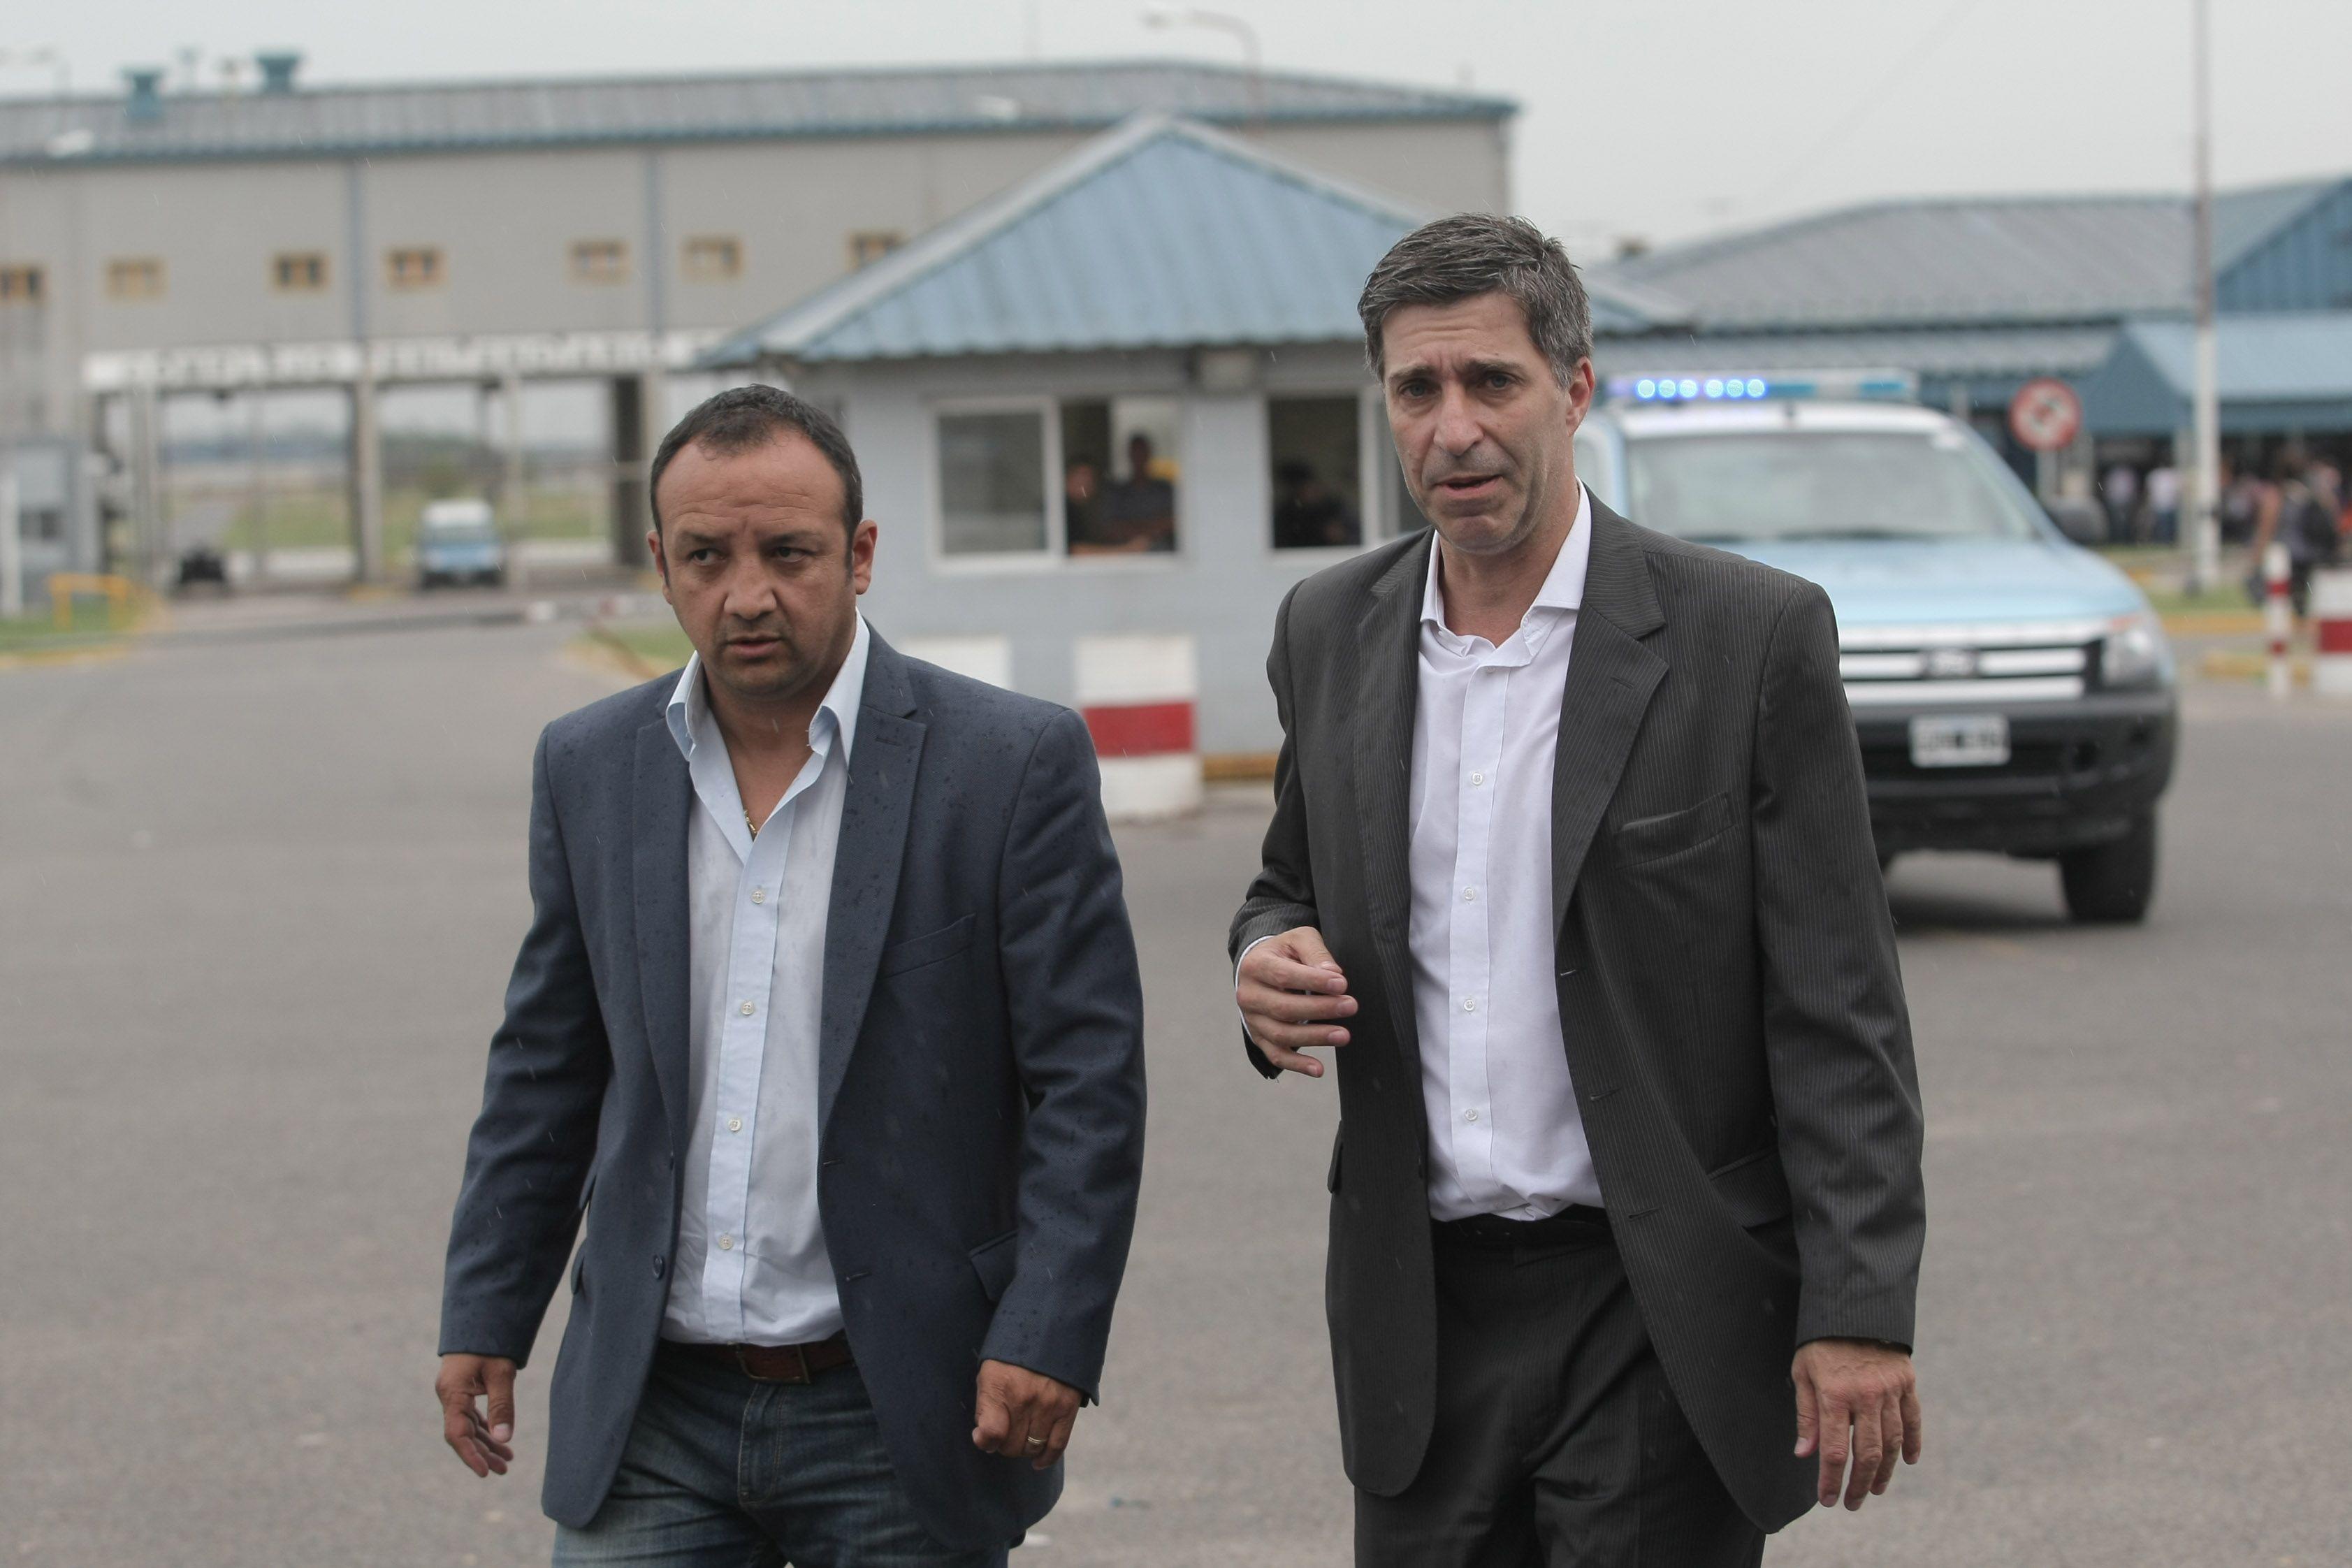 Los abogados de Lanatta dicen que va a declarar cuando esté en condiciones